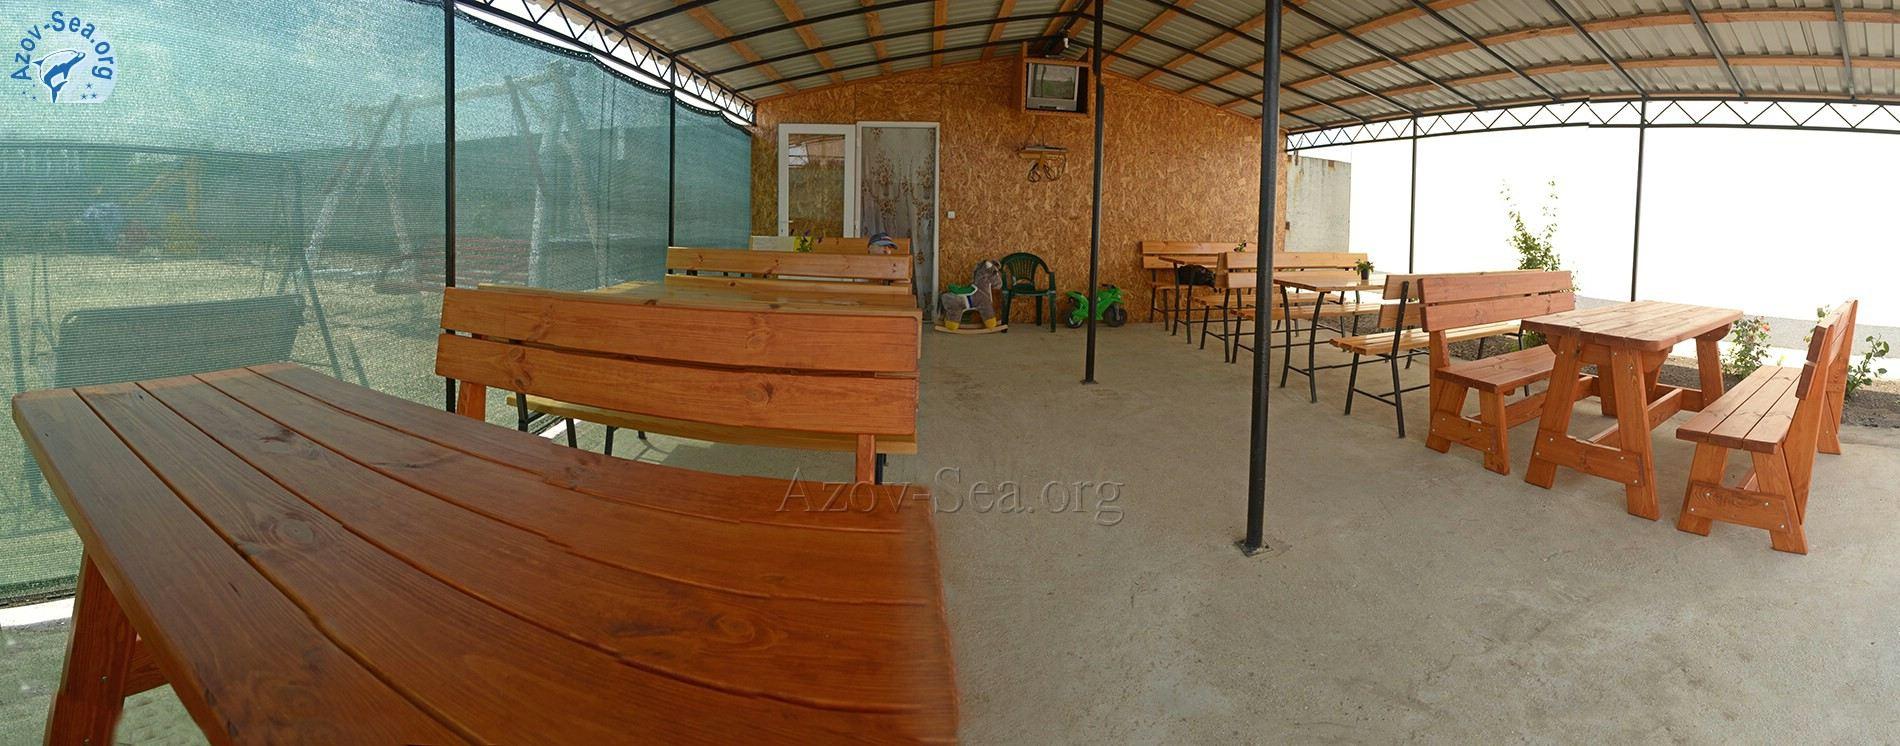 Пансионат Афалина, Общая кухня, Деревянные столики под навесом.